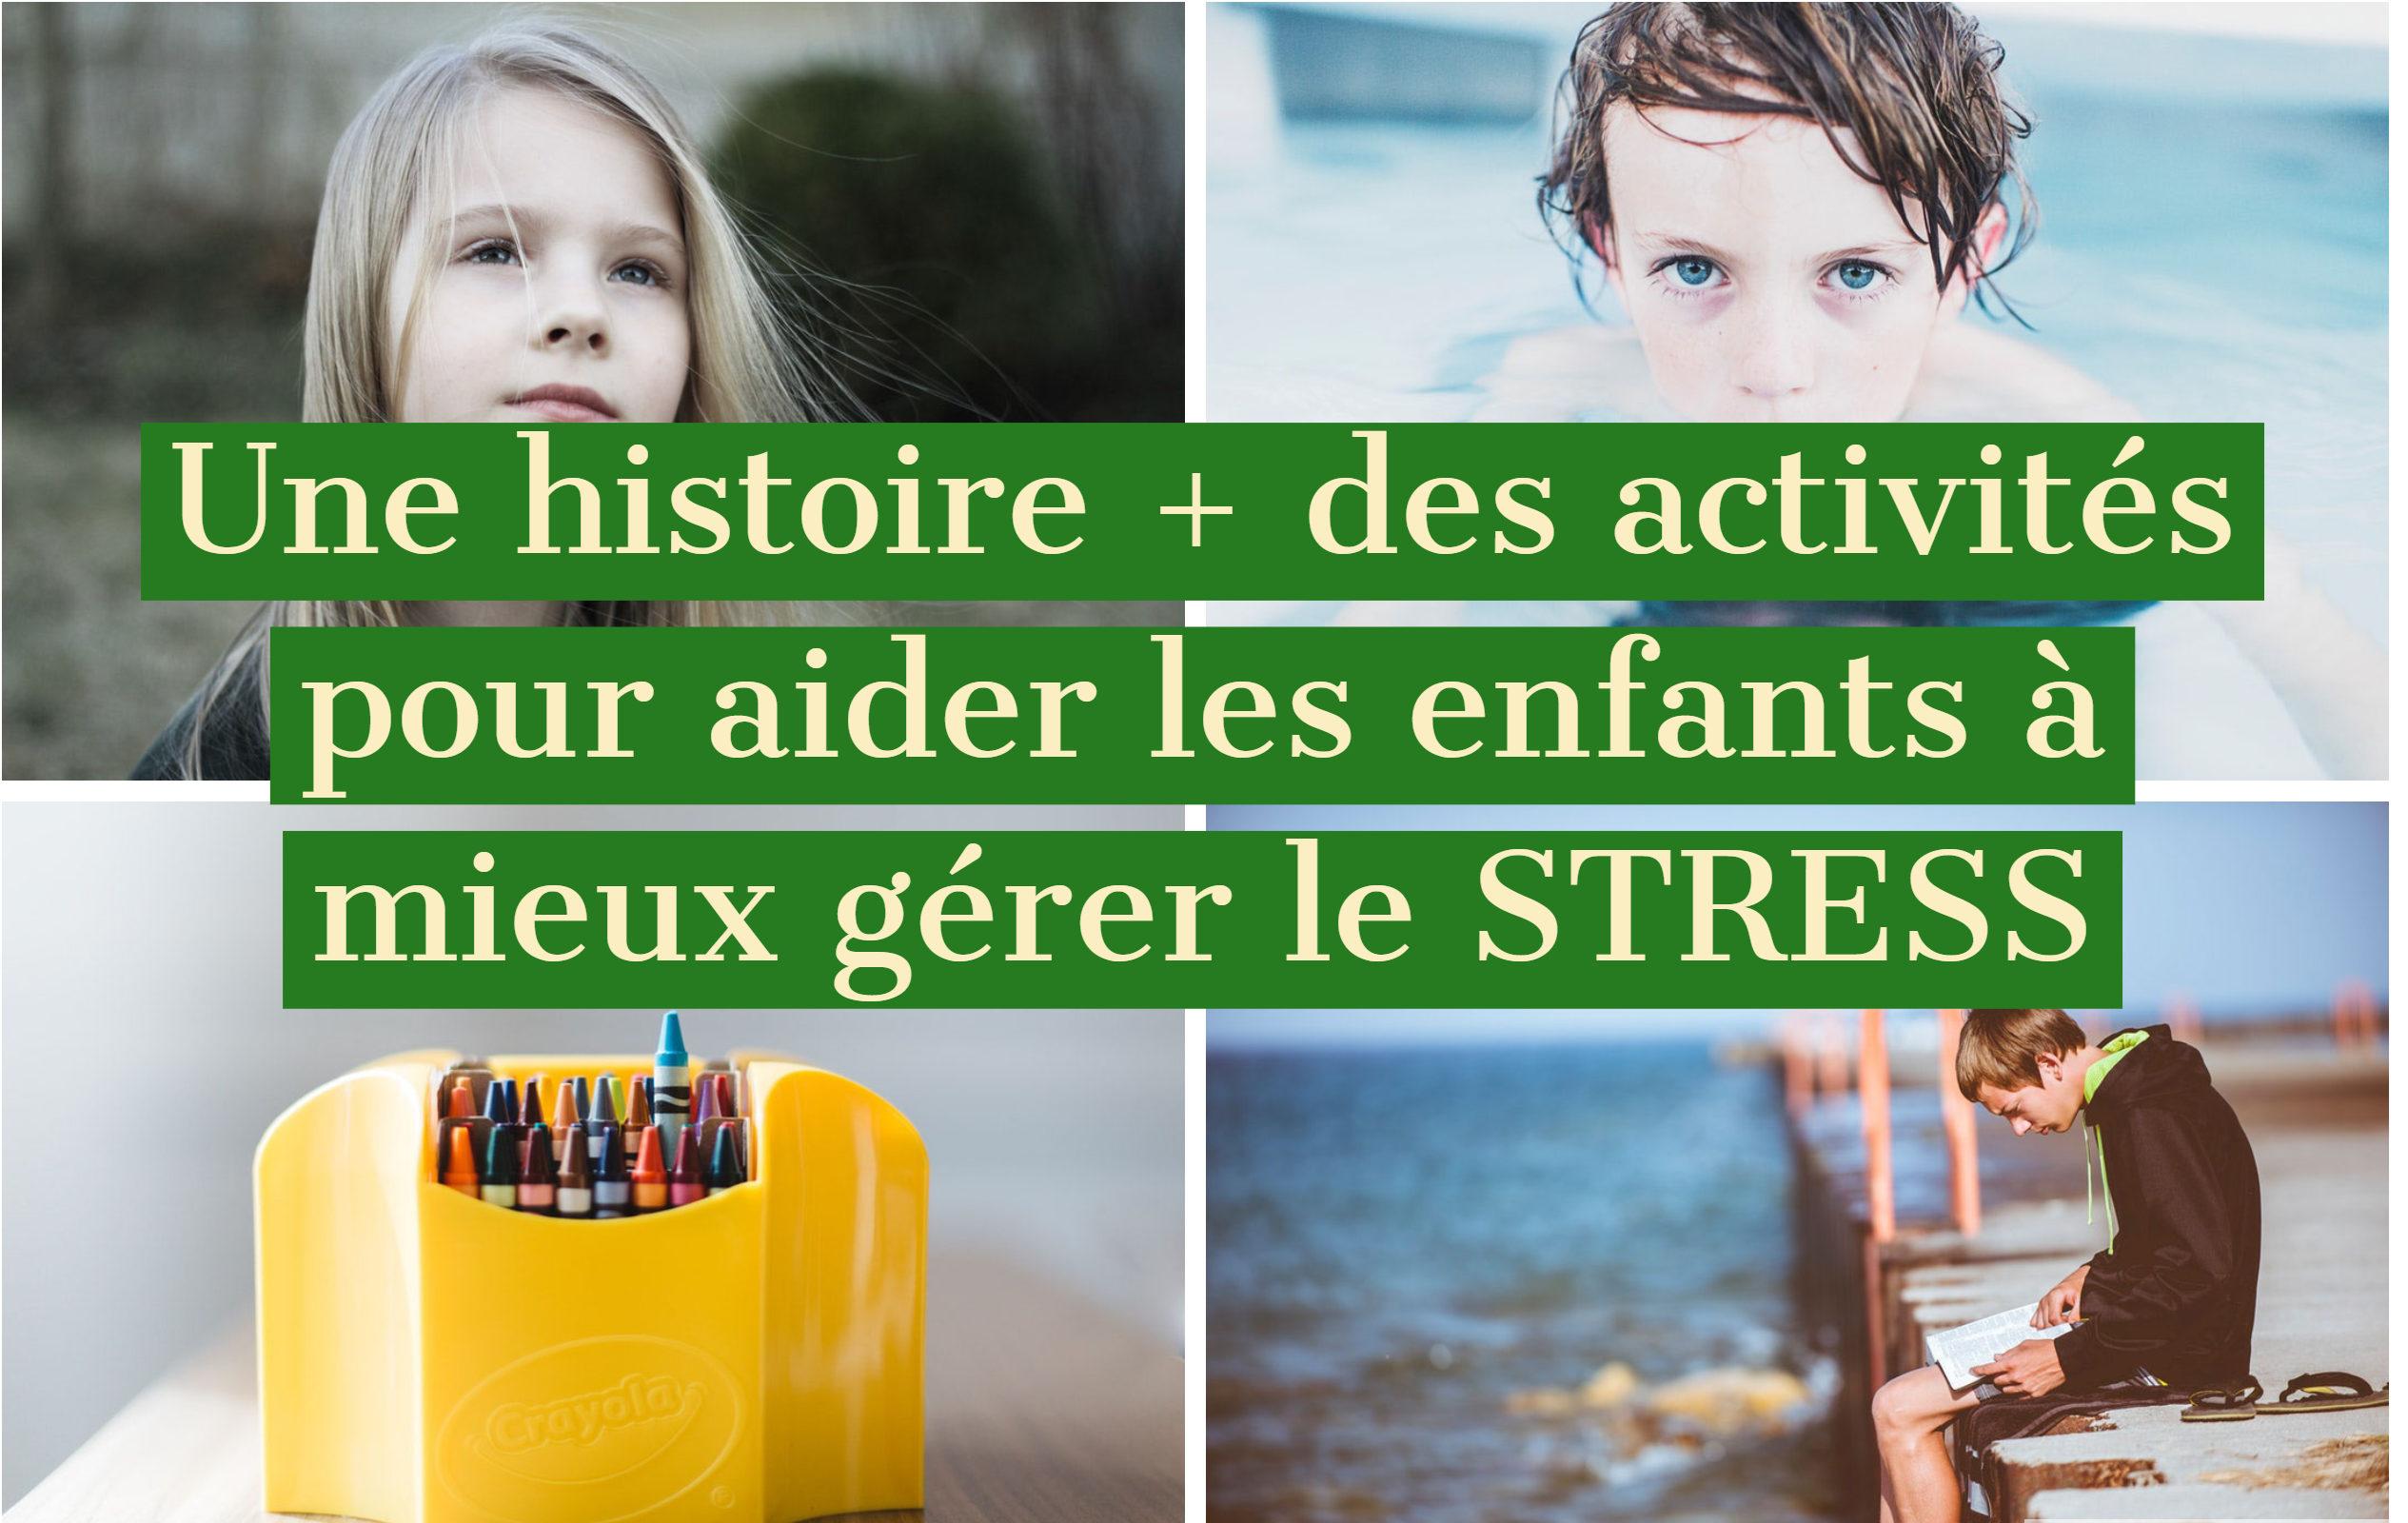 mieux gérer stress enfants